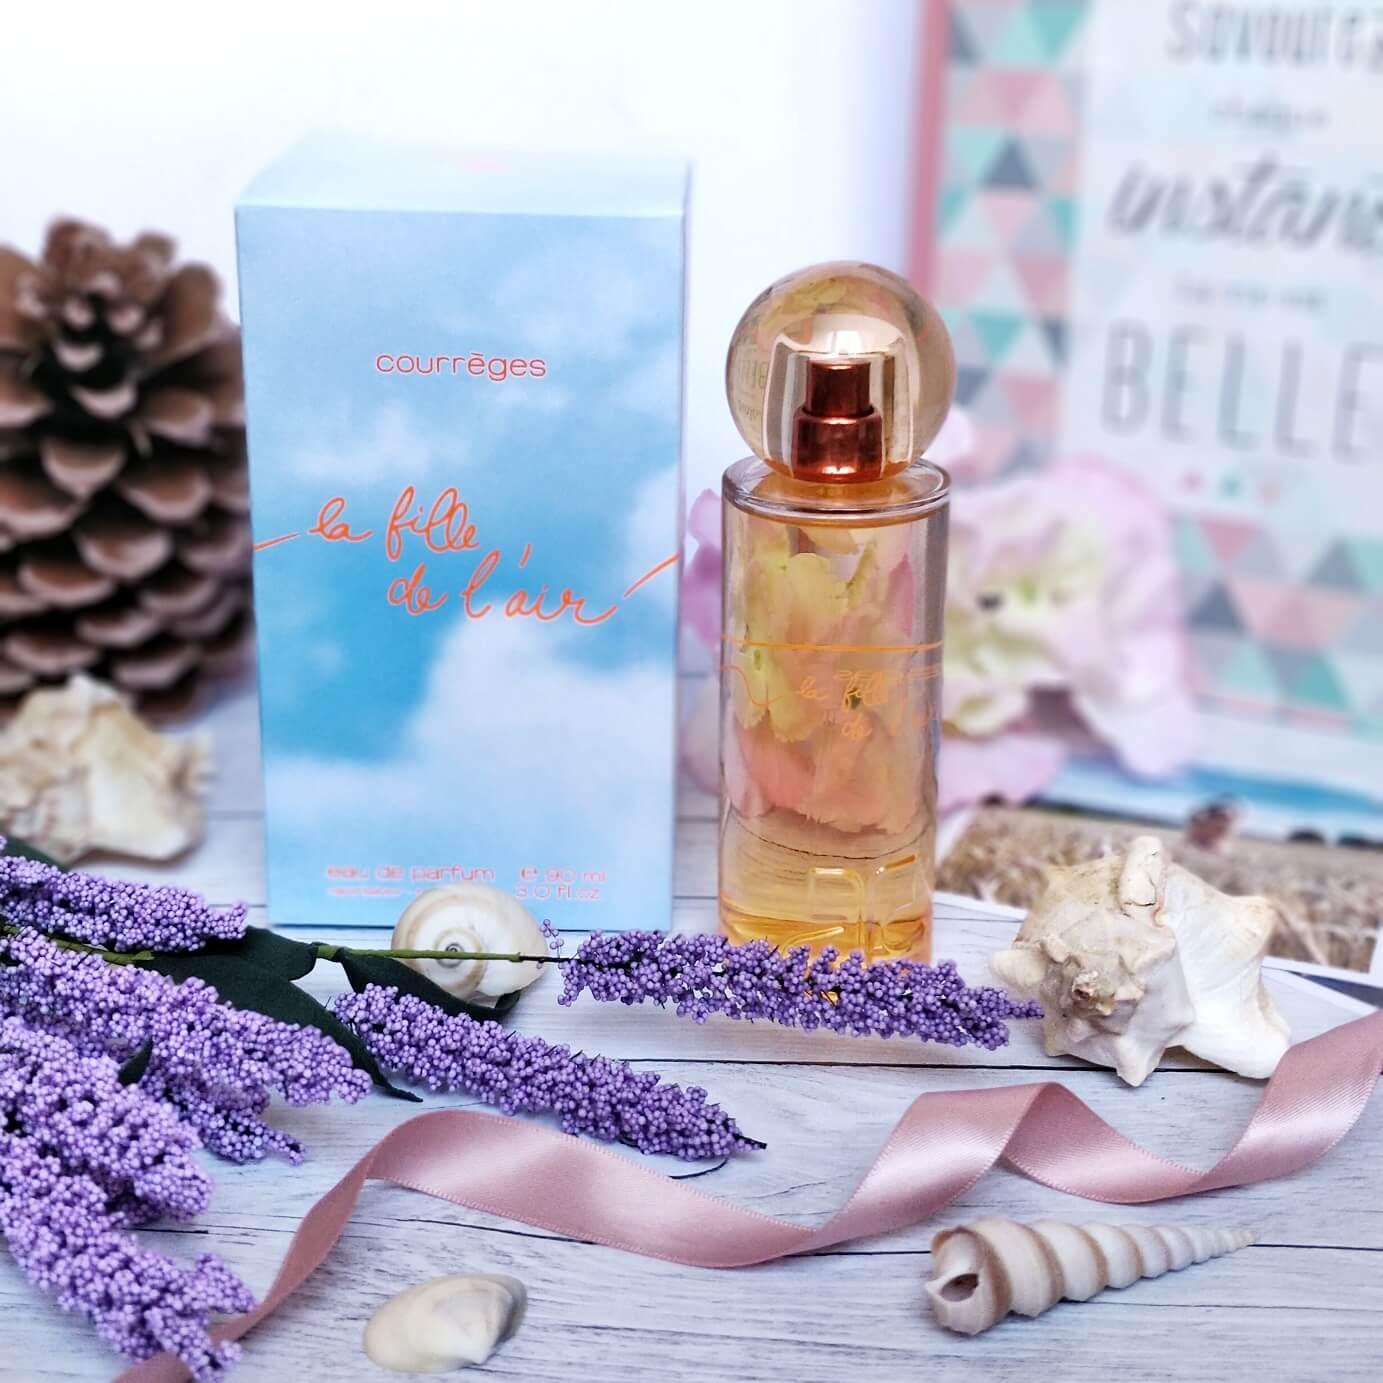 parfum la fille de laire courreges parfumerie burdin - Un maquillage frais pour l'été avec la Parfumerie Burdin